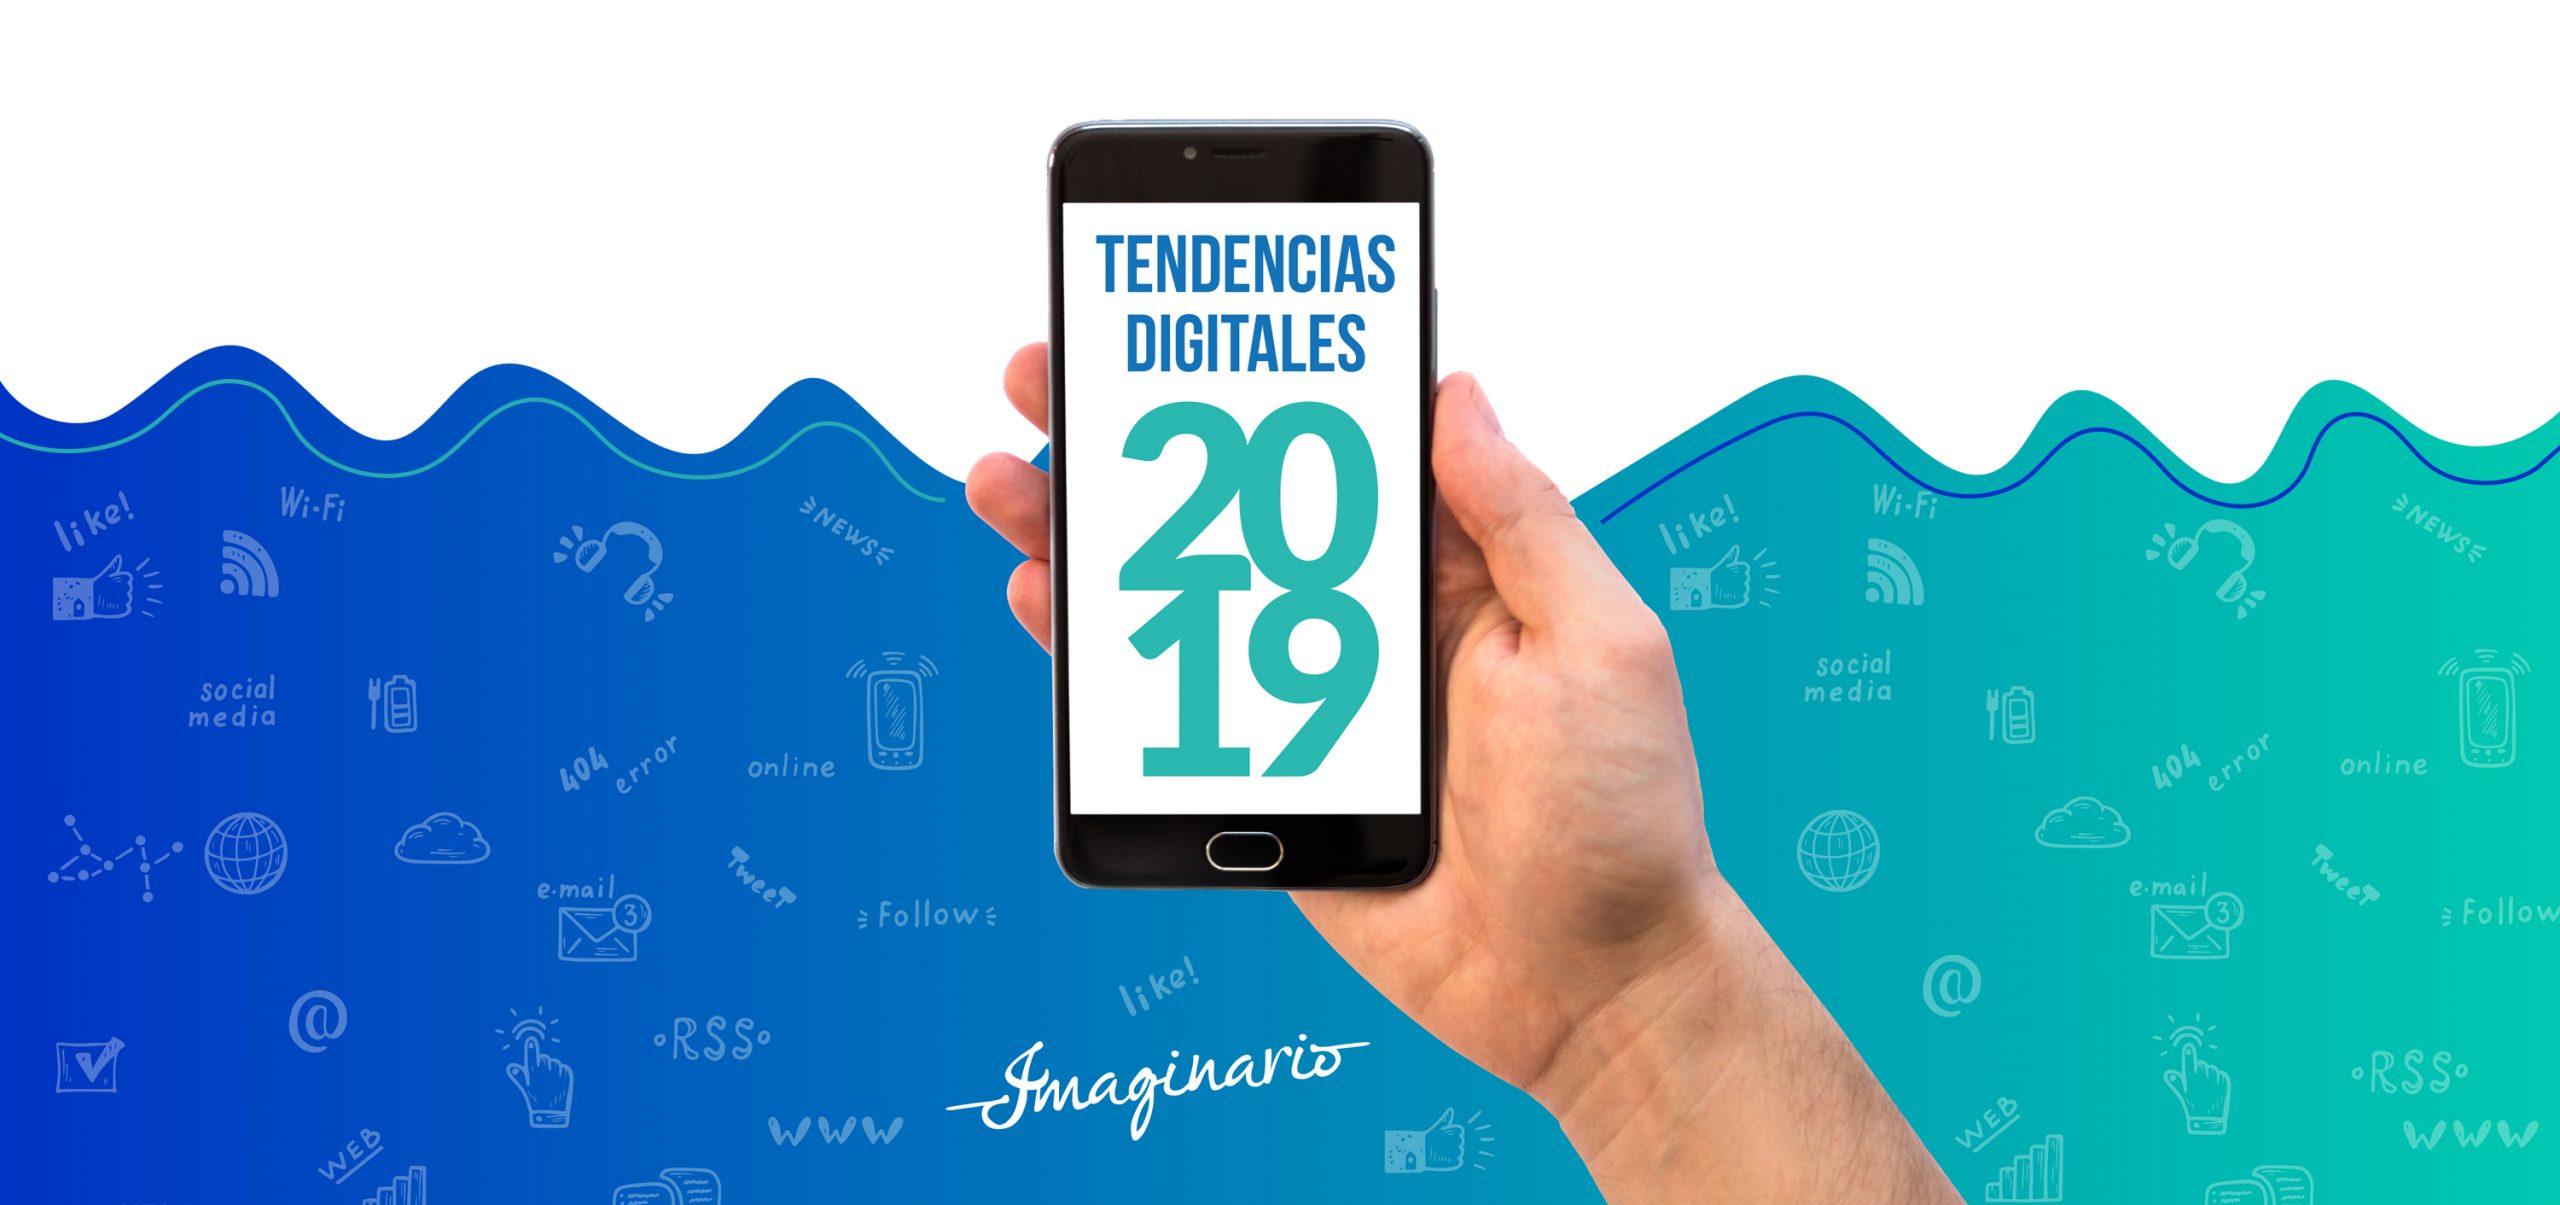 Tendencias Digítales 2019